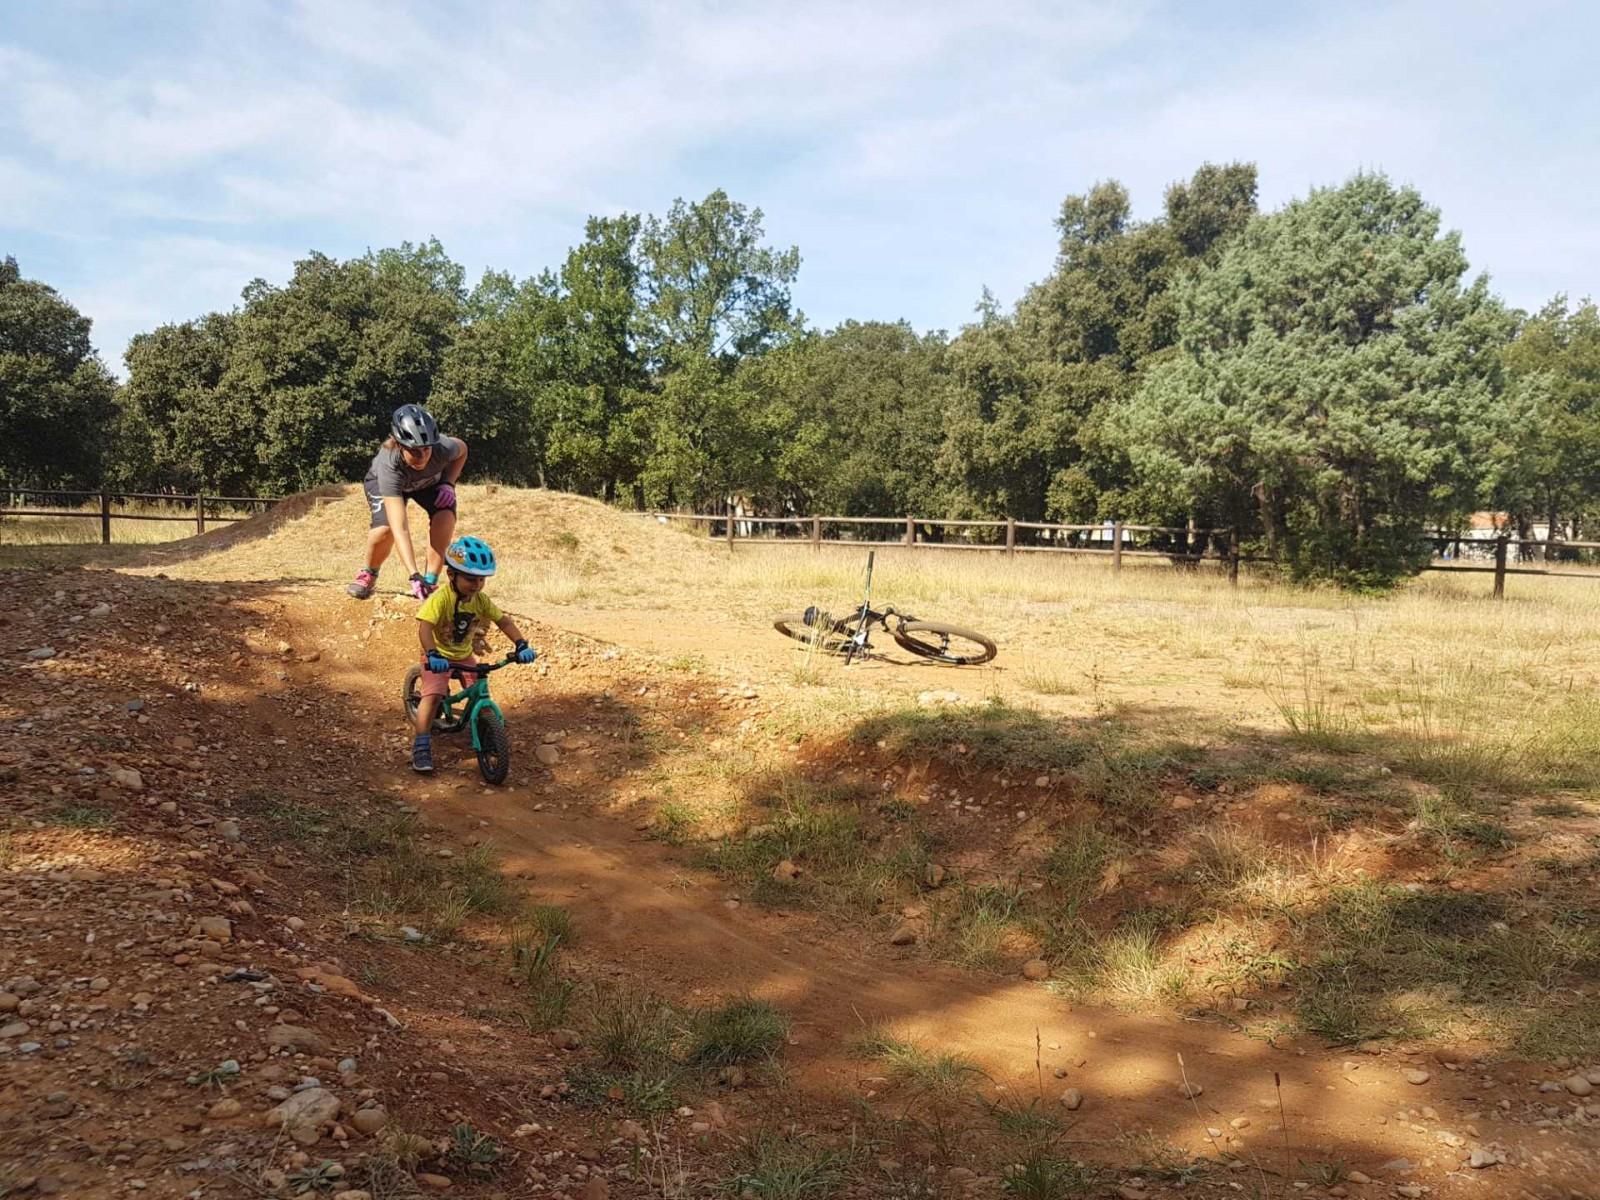 Faire un vélo avec son enfant, pumptrack apprendre les bosses à son enfant